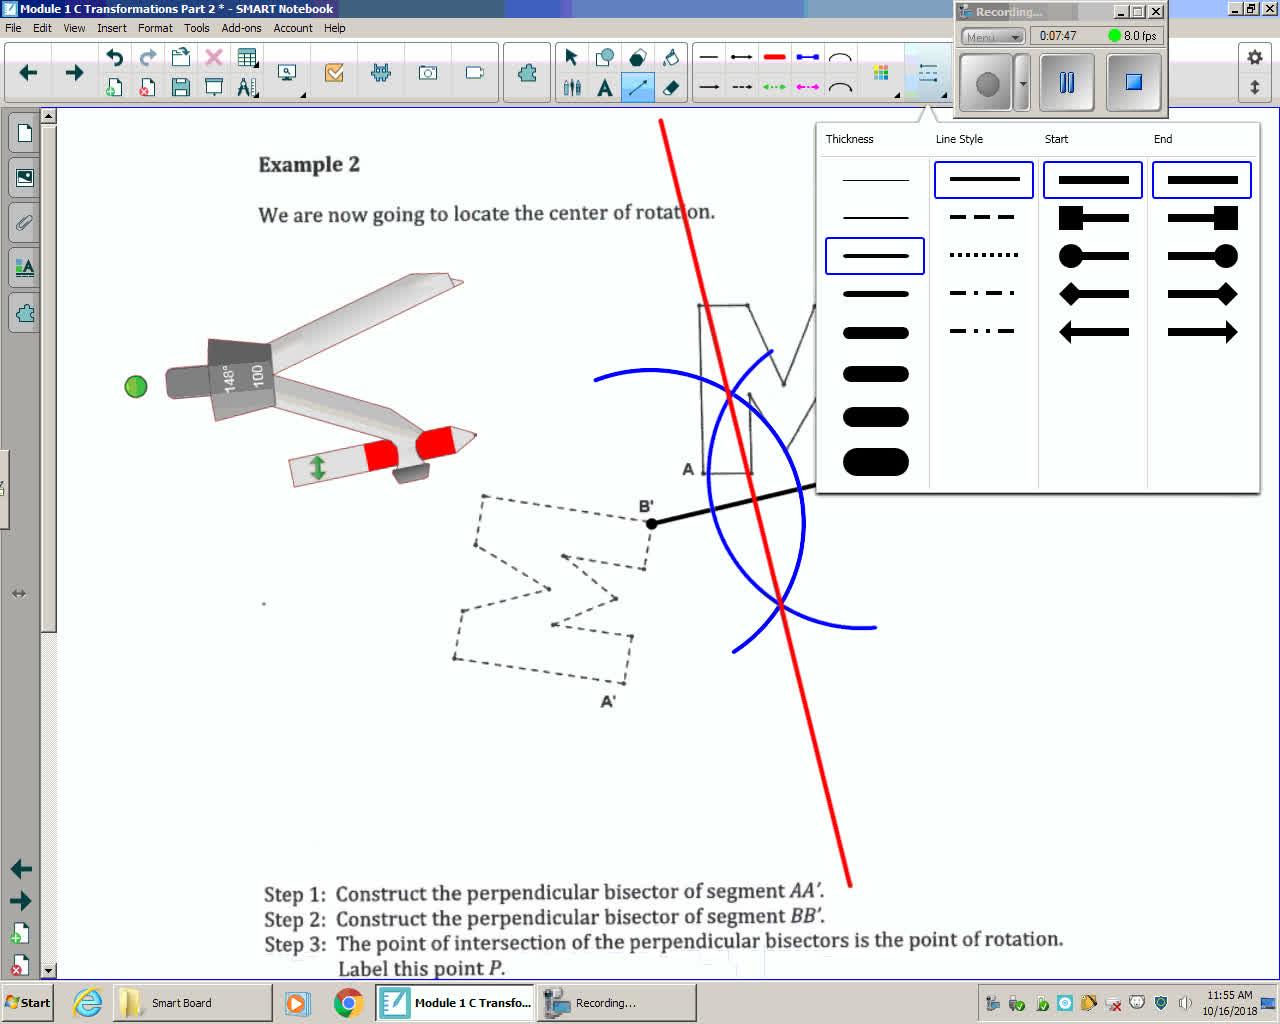 Mod 1C Lesson 6